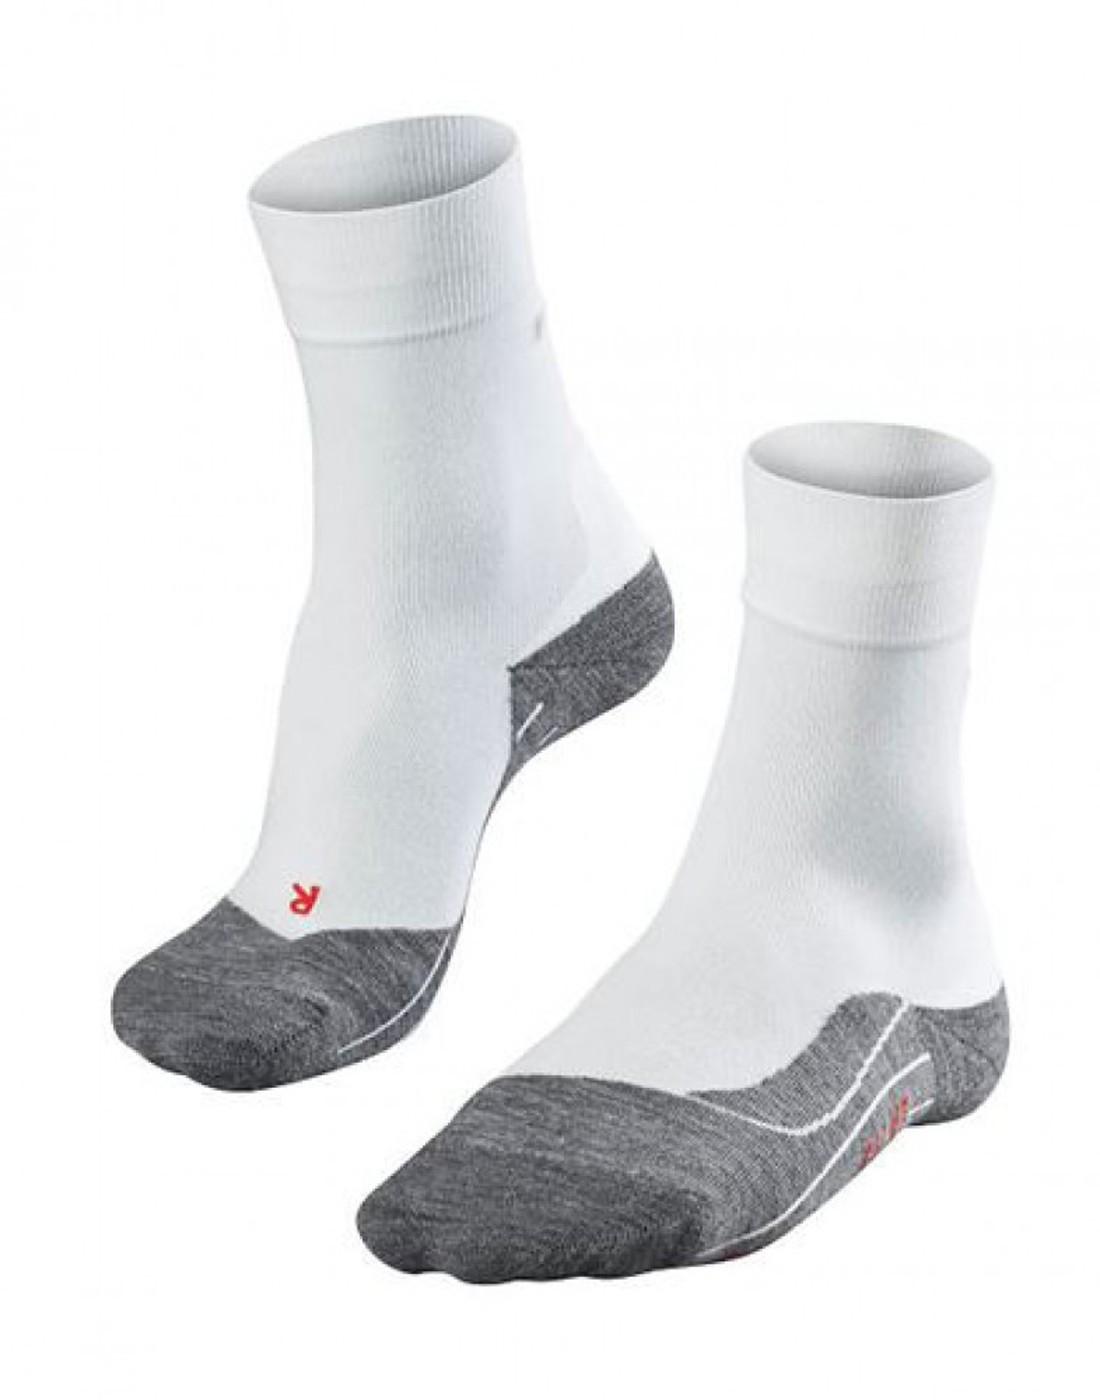 FALKE Socken RU 4 - Herren